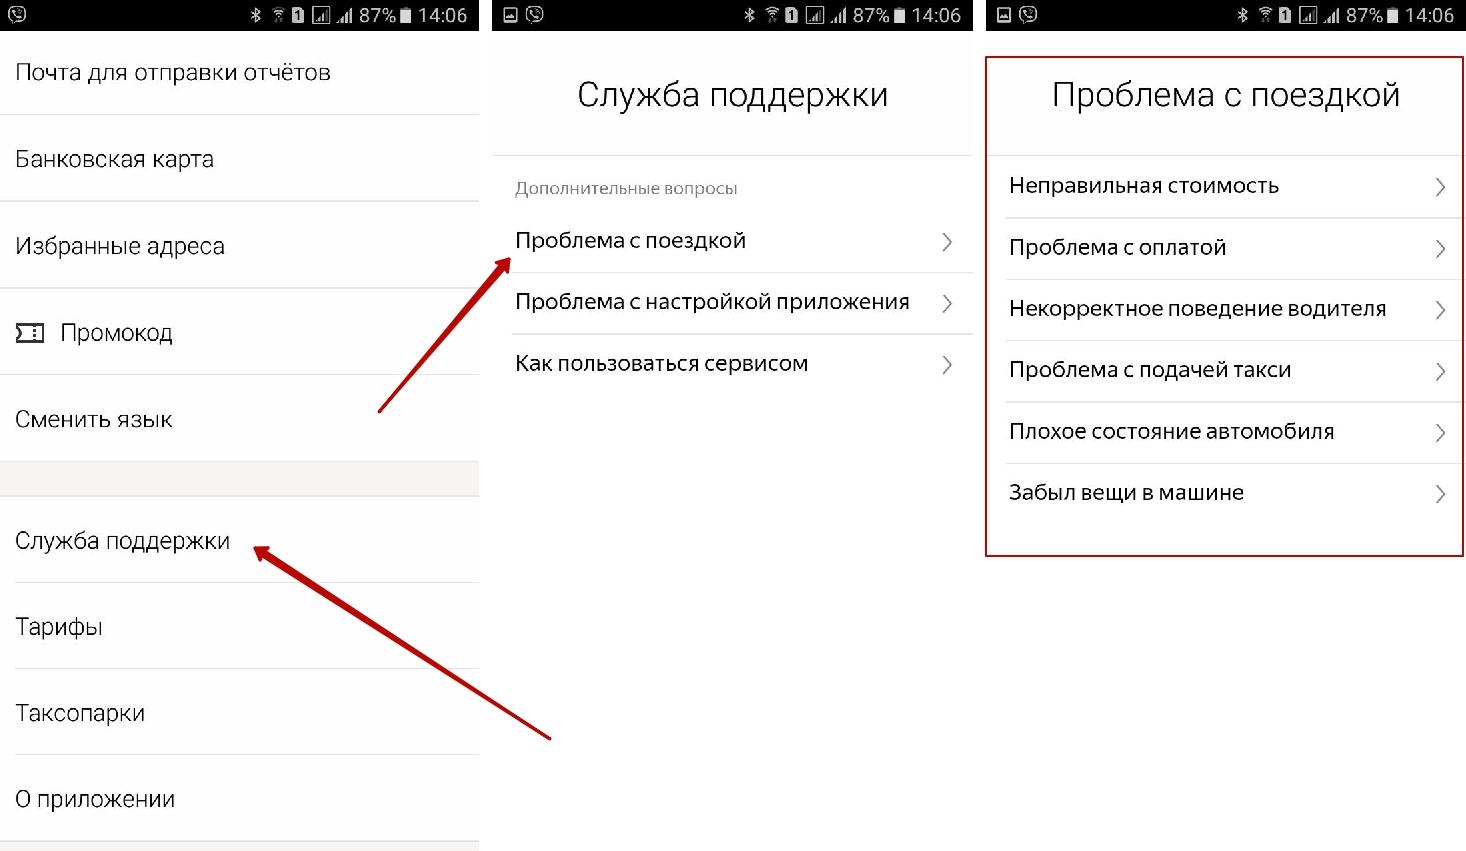 Пример связи с техподдержкой Яндекс Такси через приложение